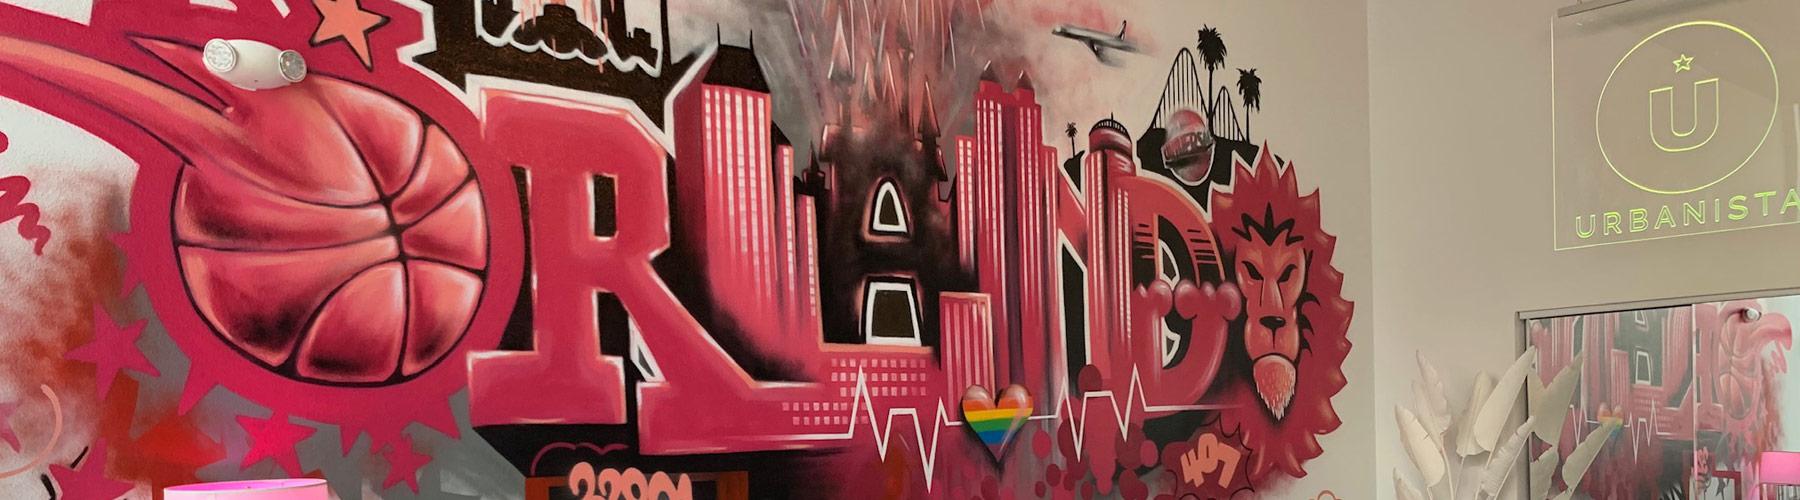 orlando-mural-urbanista